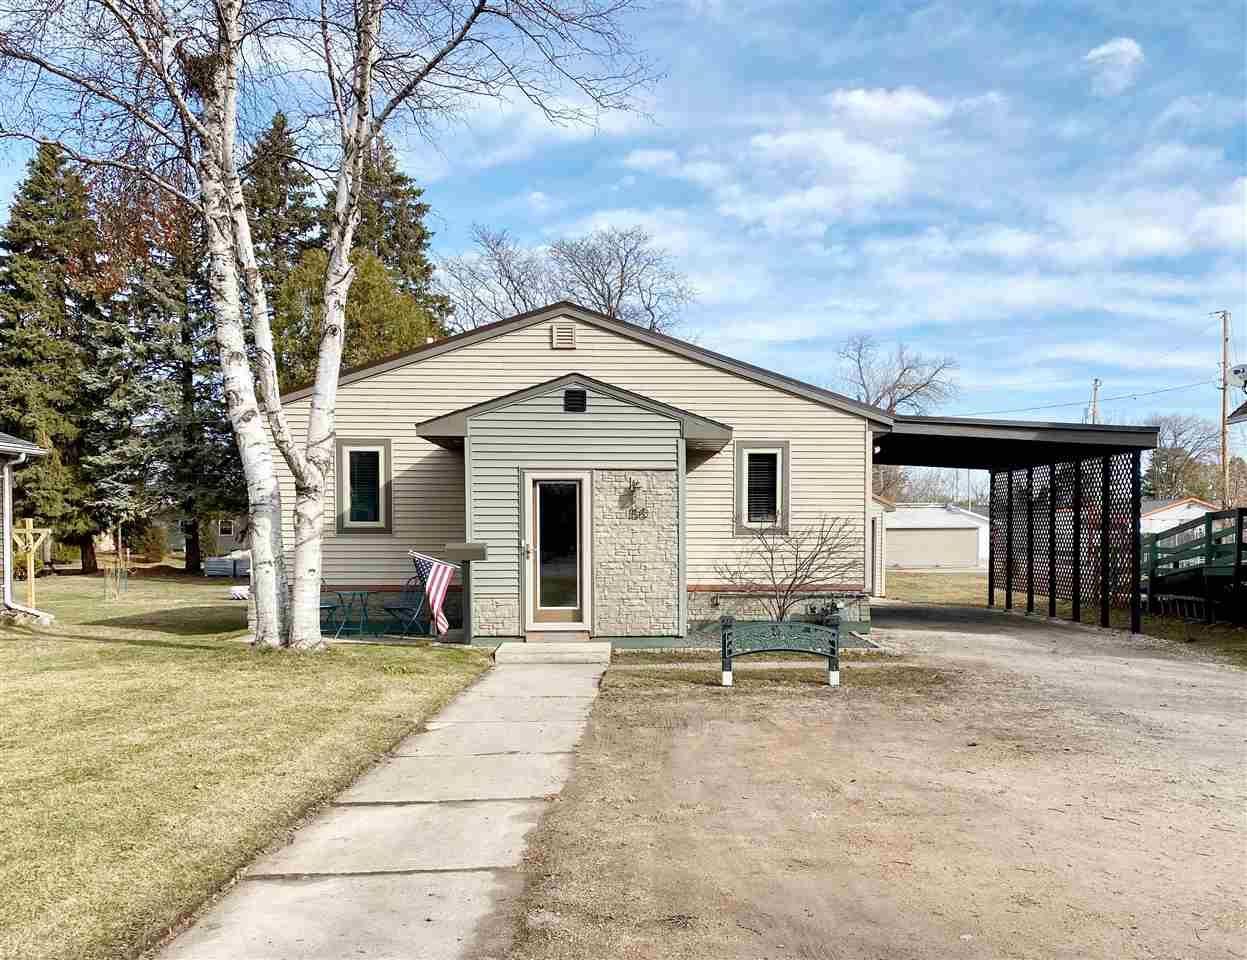 155 E SCOTT Street, Fond du Lac, WI 54935 - MLS#: 50236728